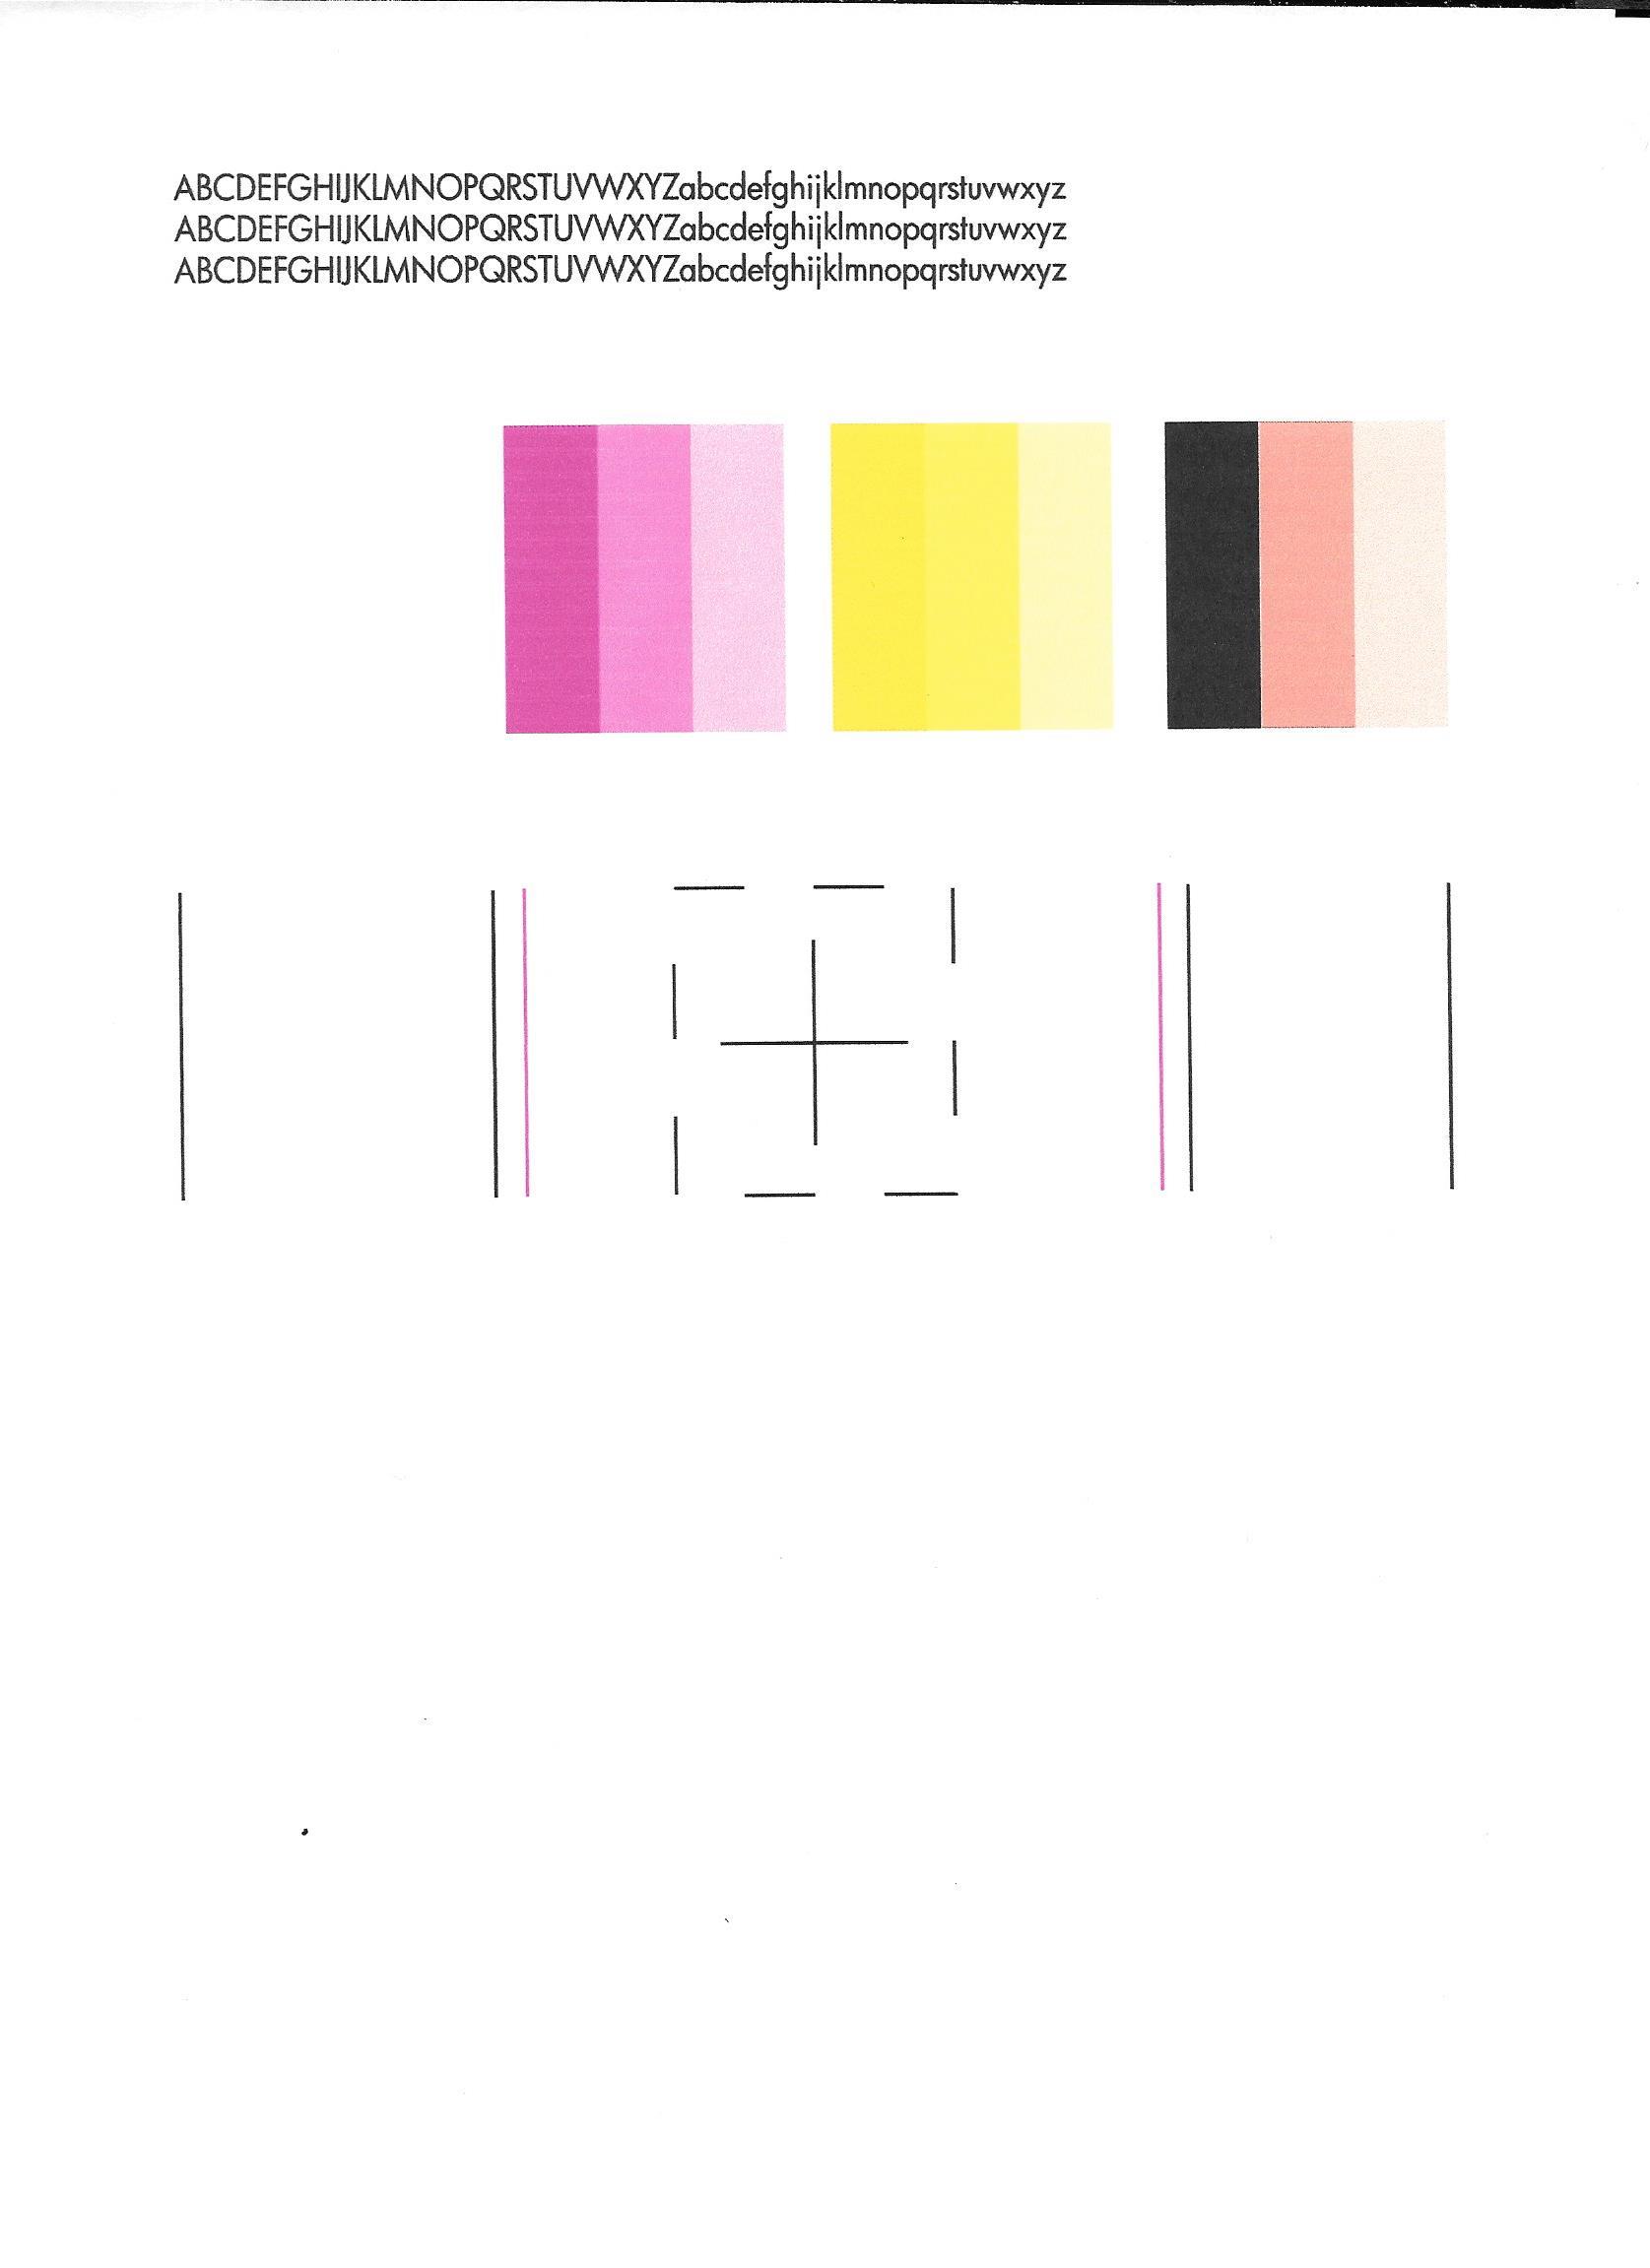 Prueba de colores0003.jpg